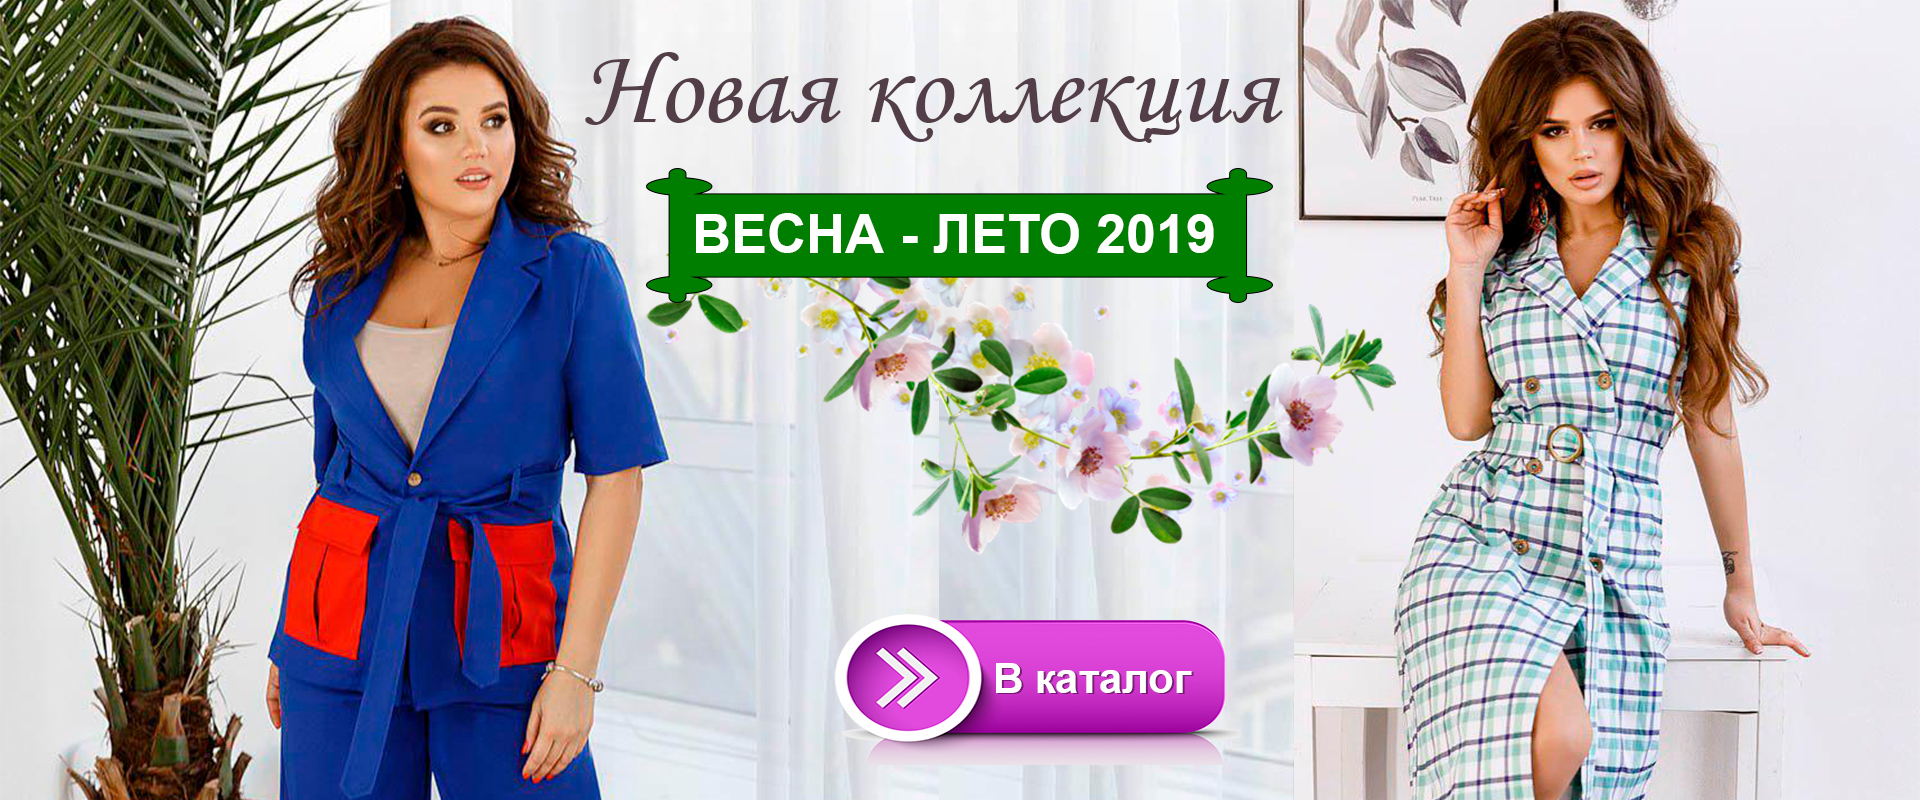 Новая коллекция 2019